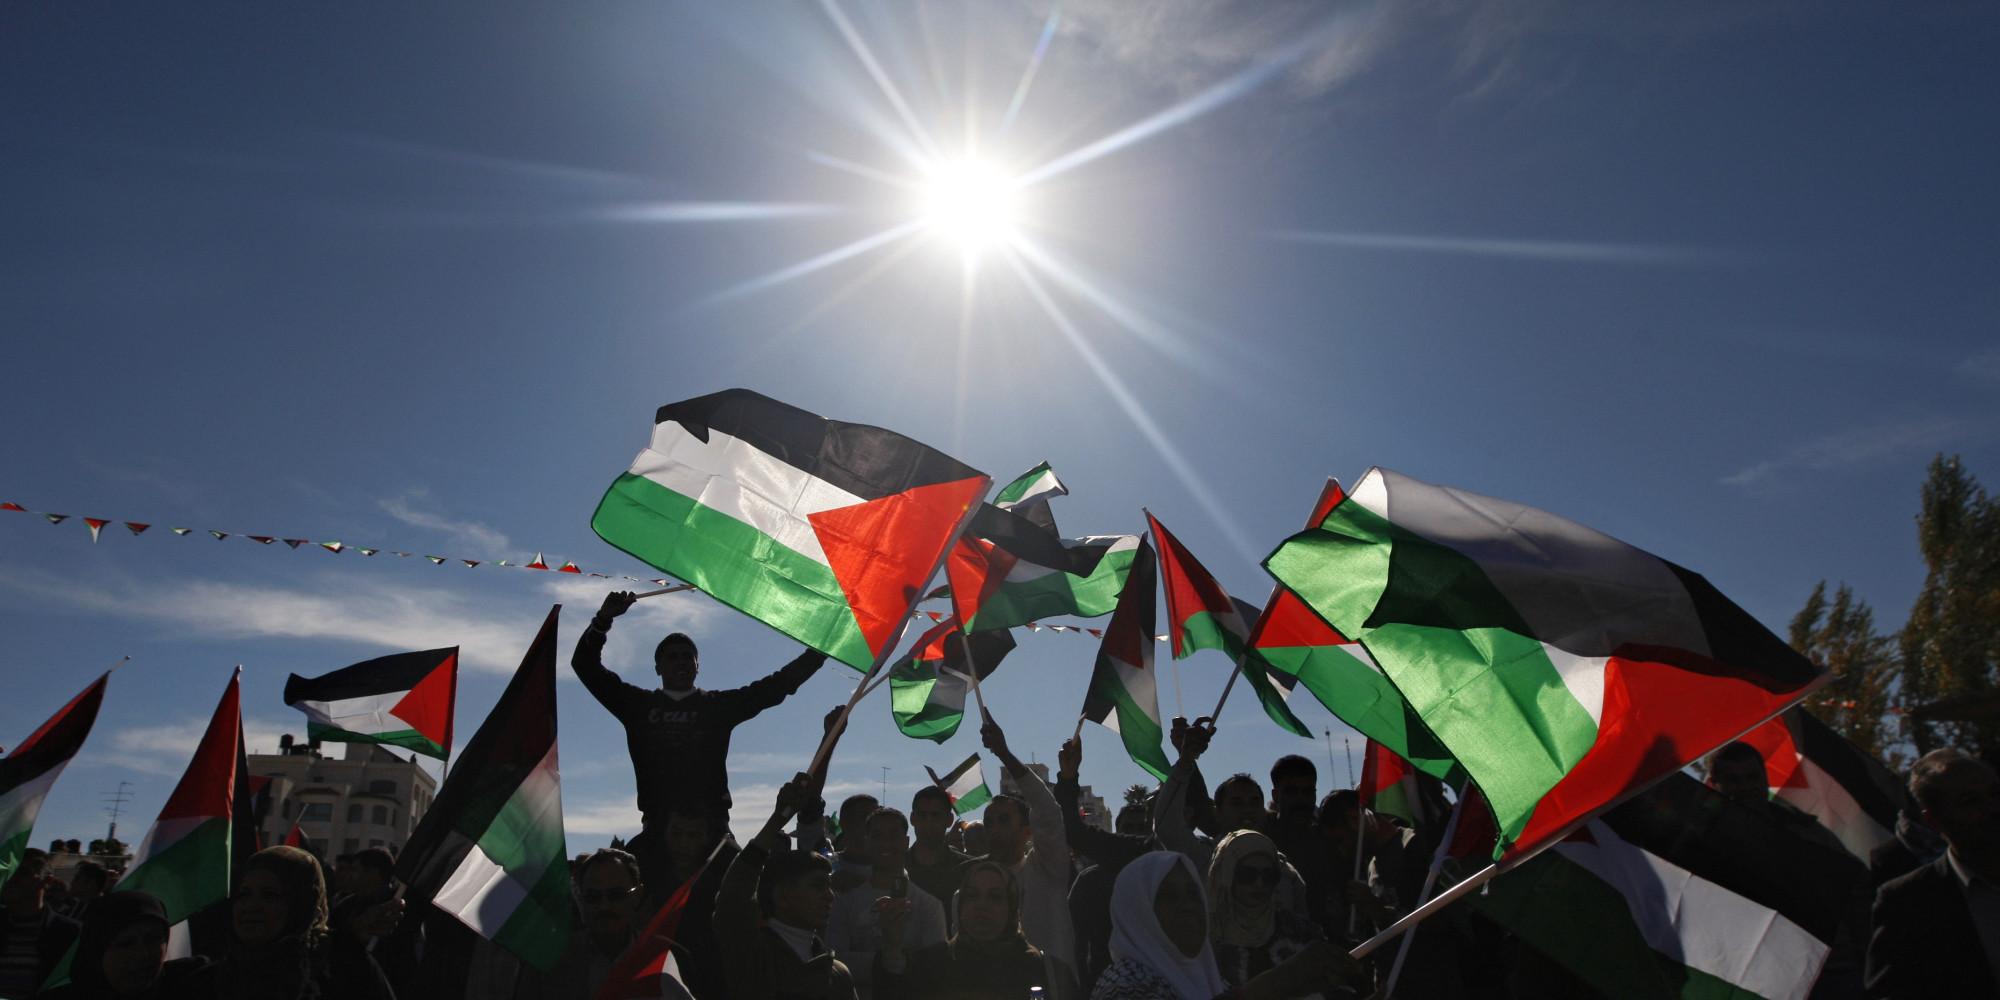 المجلس الوطني الفلسطيني يؤكد تضامنه مع الشعب الفلسطيني